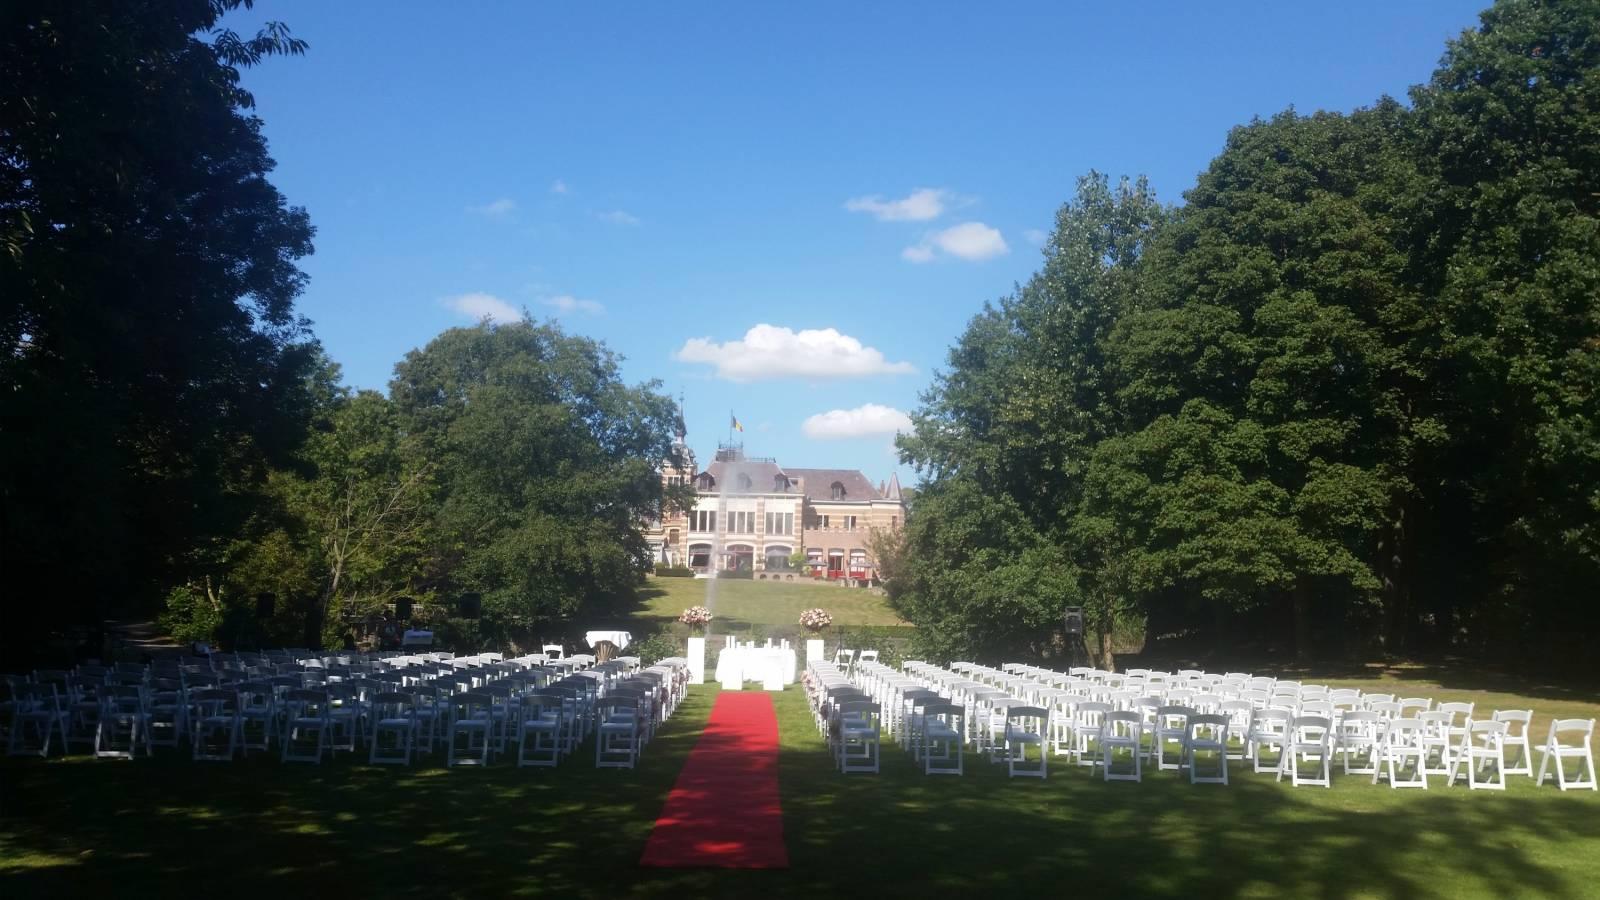 Kasteel van Moerkerke - House of Weddings - 10